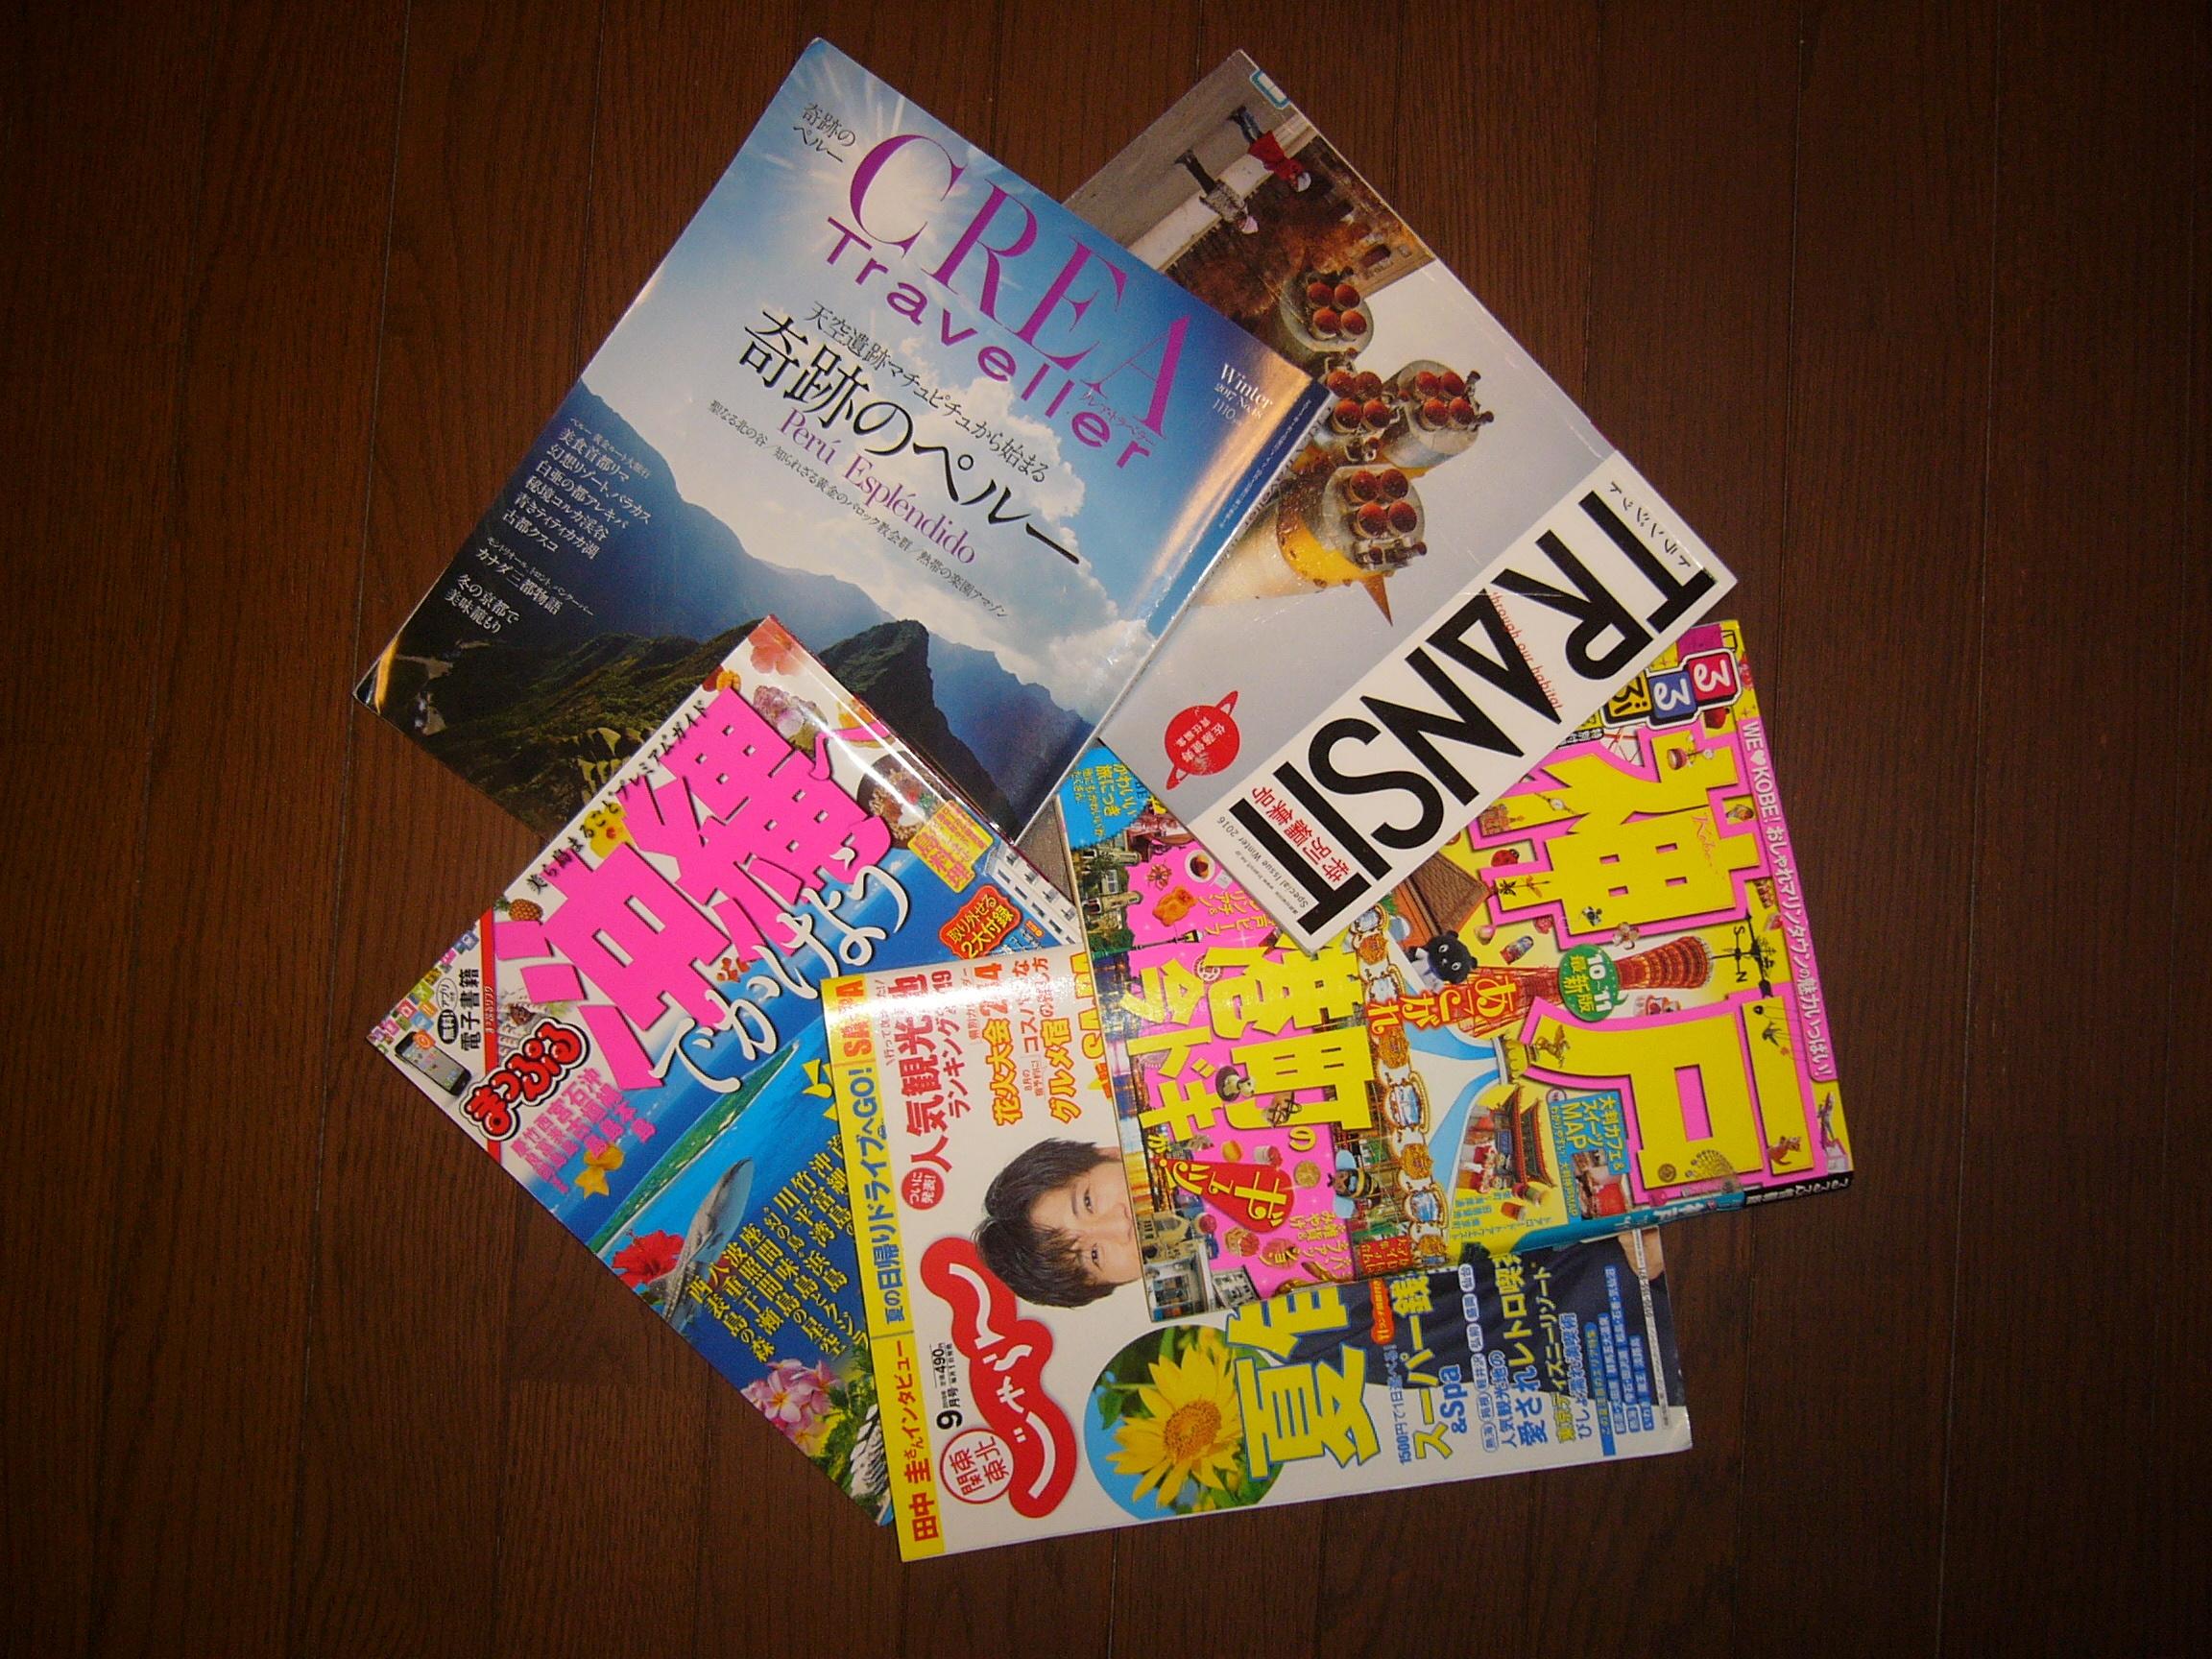 旅行雑誌おすすめ人気ランキング!目的に合わせた選び方もご紹介!